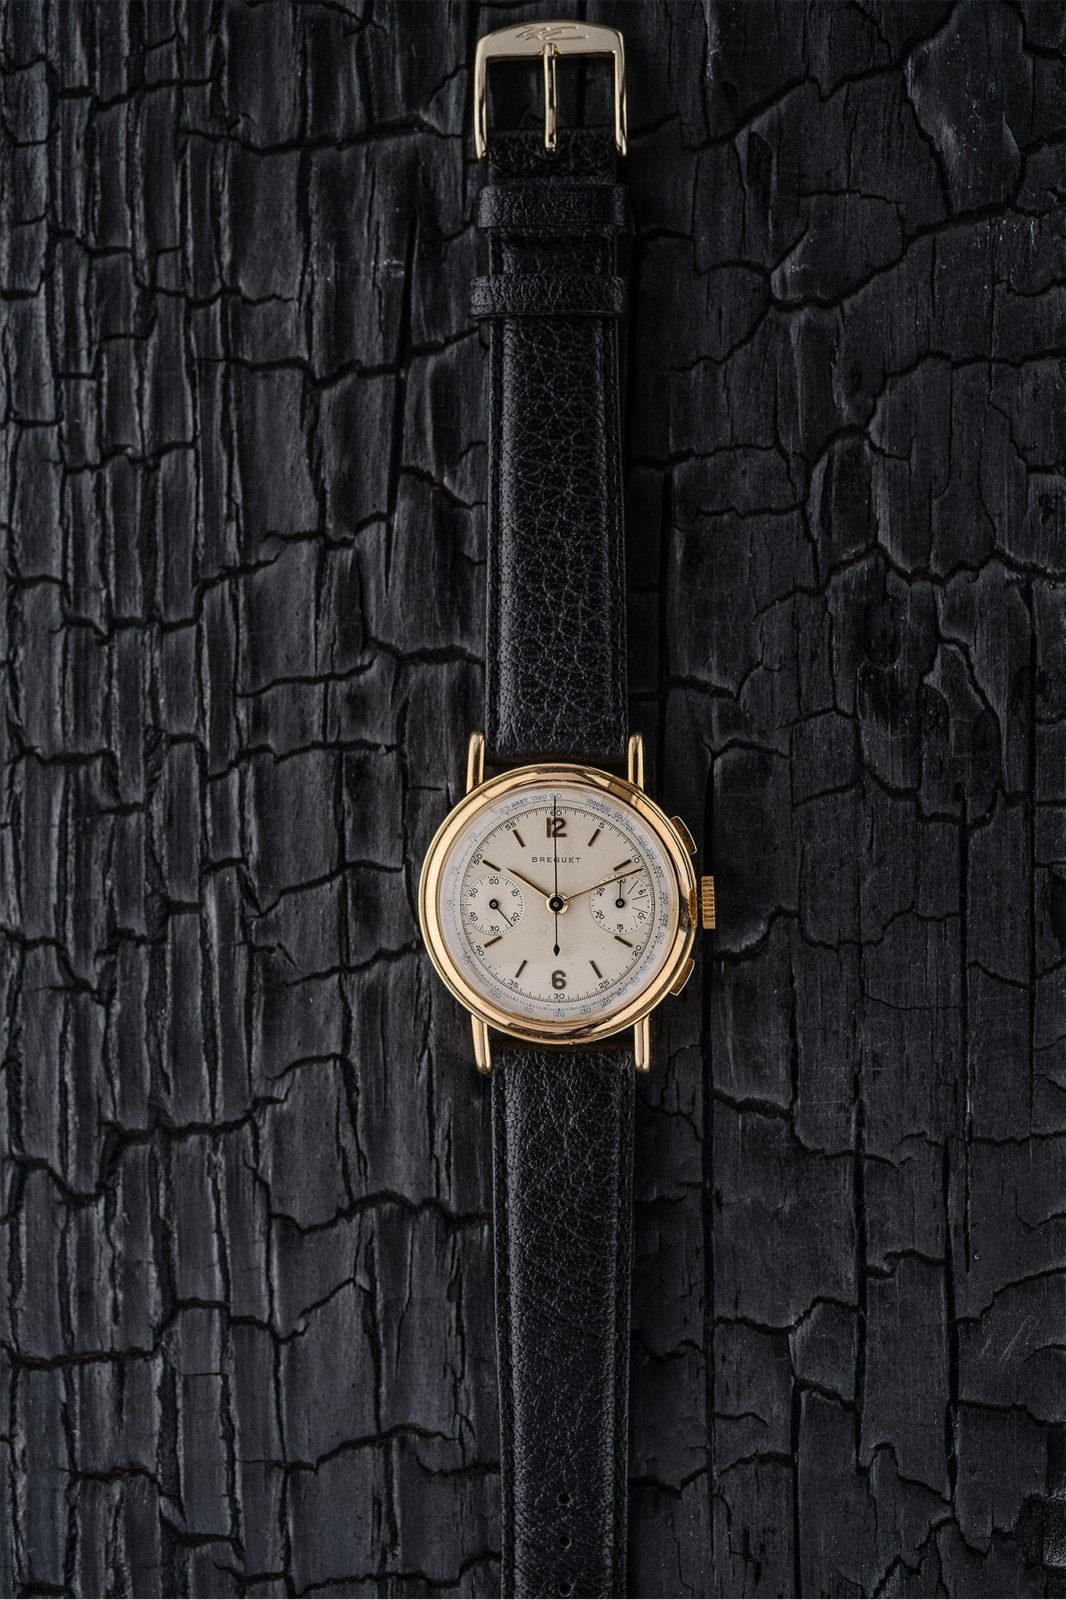 Leclere - Vente de Montres de Collection - Chronographe Breguet